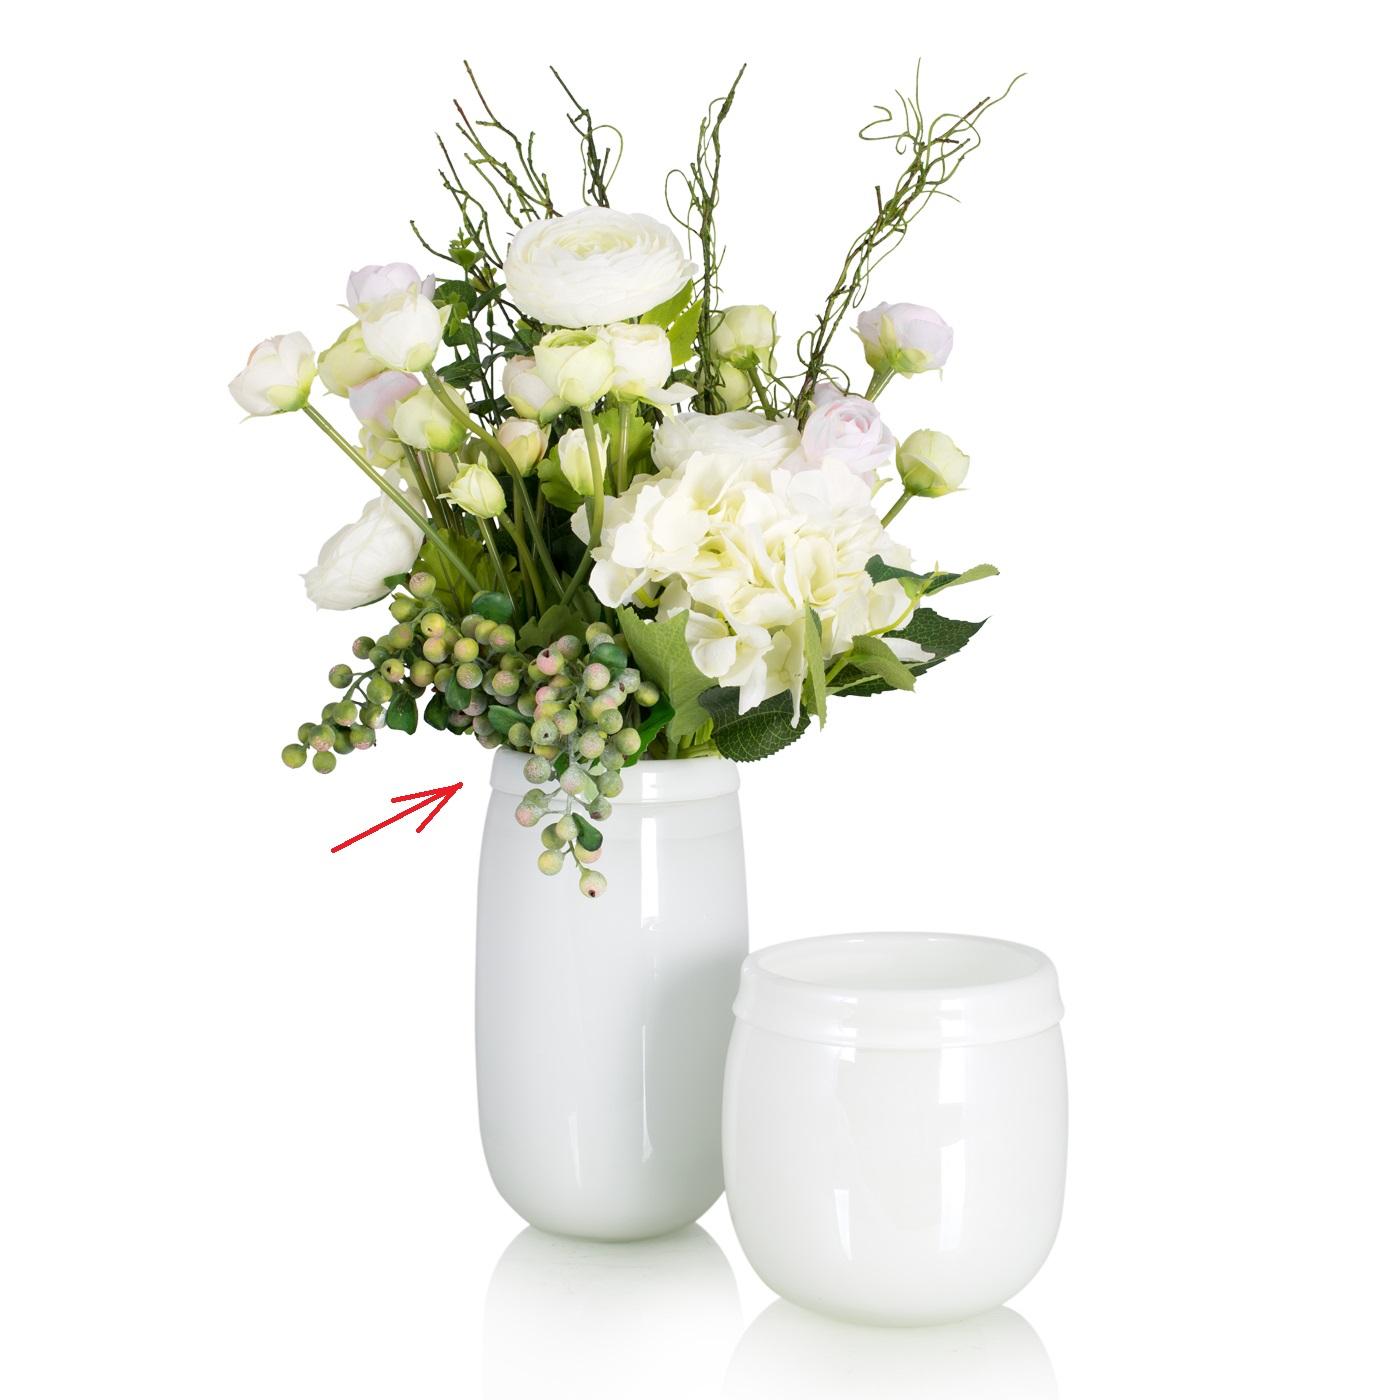 {} Home Philosophy Ваза Calanta Цвет: Белый (13х13х25 см) ваза кручёная цвет белый 51 см 1025307